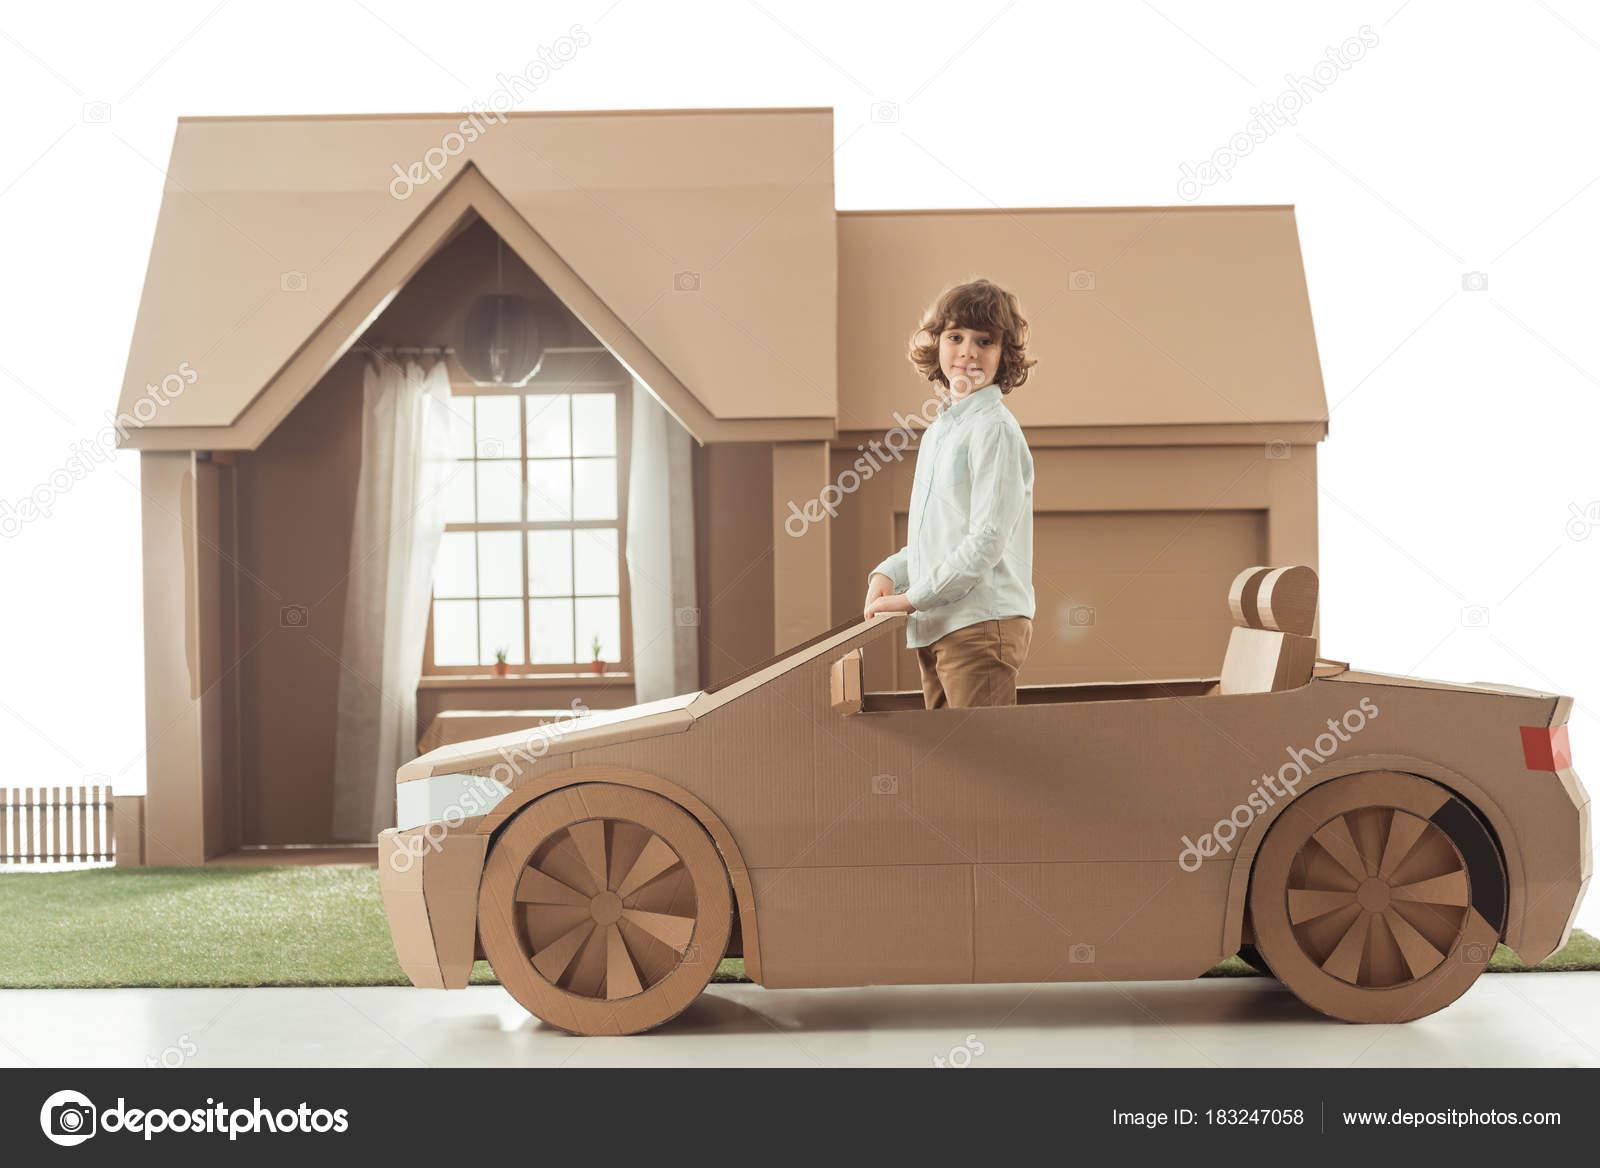 Criança Carro Papelão Frente Casa Papelão Isolado Branco